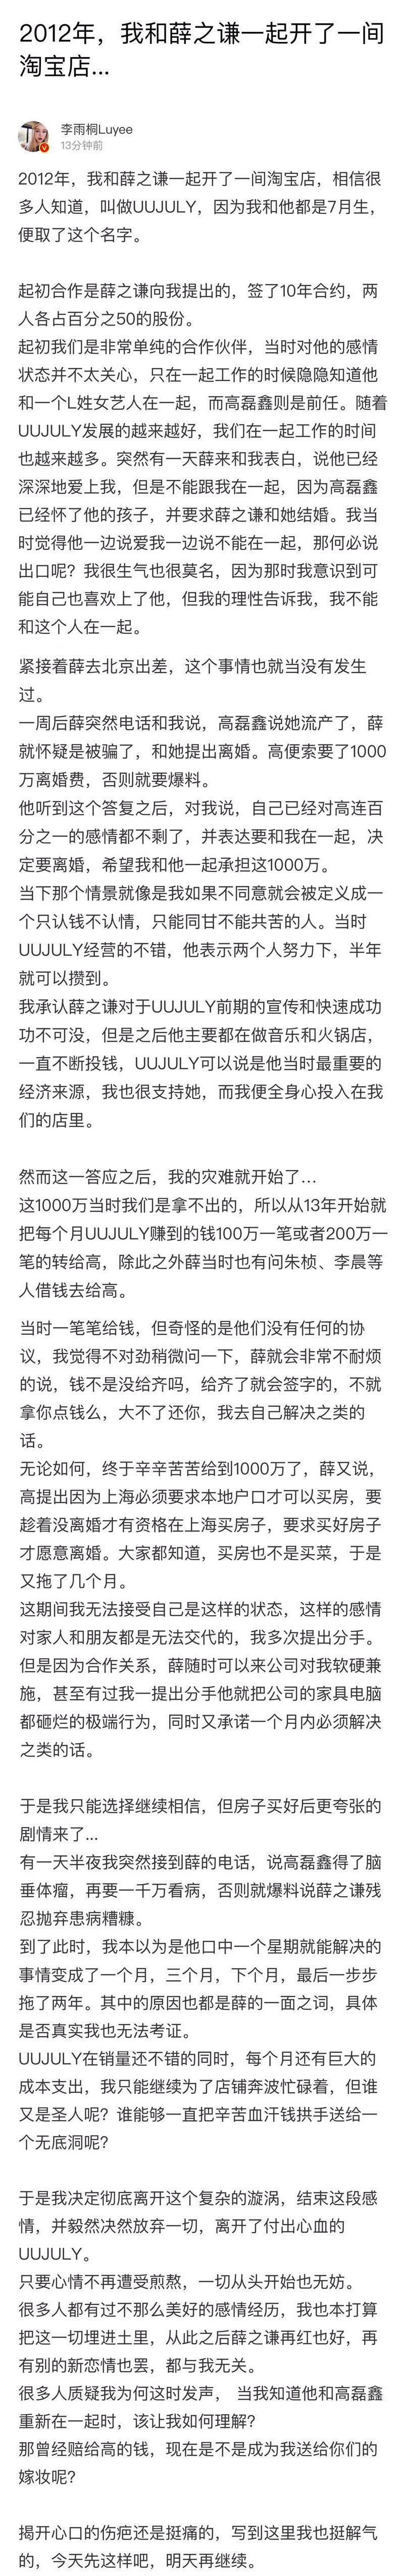 薛之谦给前妻的1000万和房子都是李雨桐的钱吗 李雨桐包养薛之谦